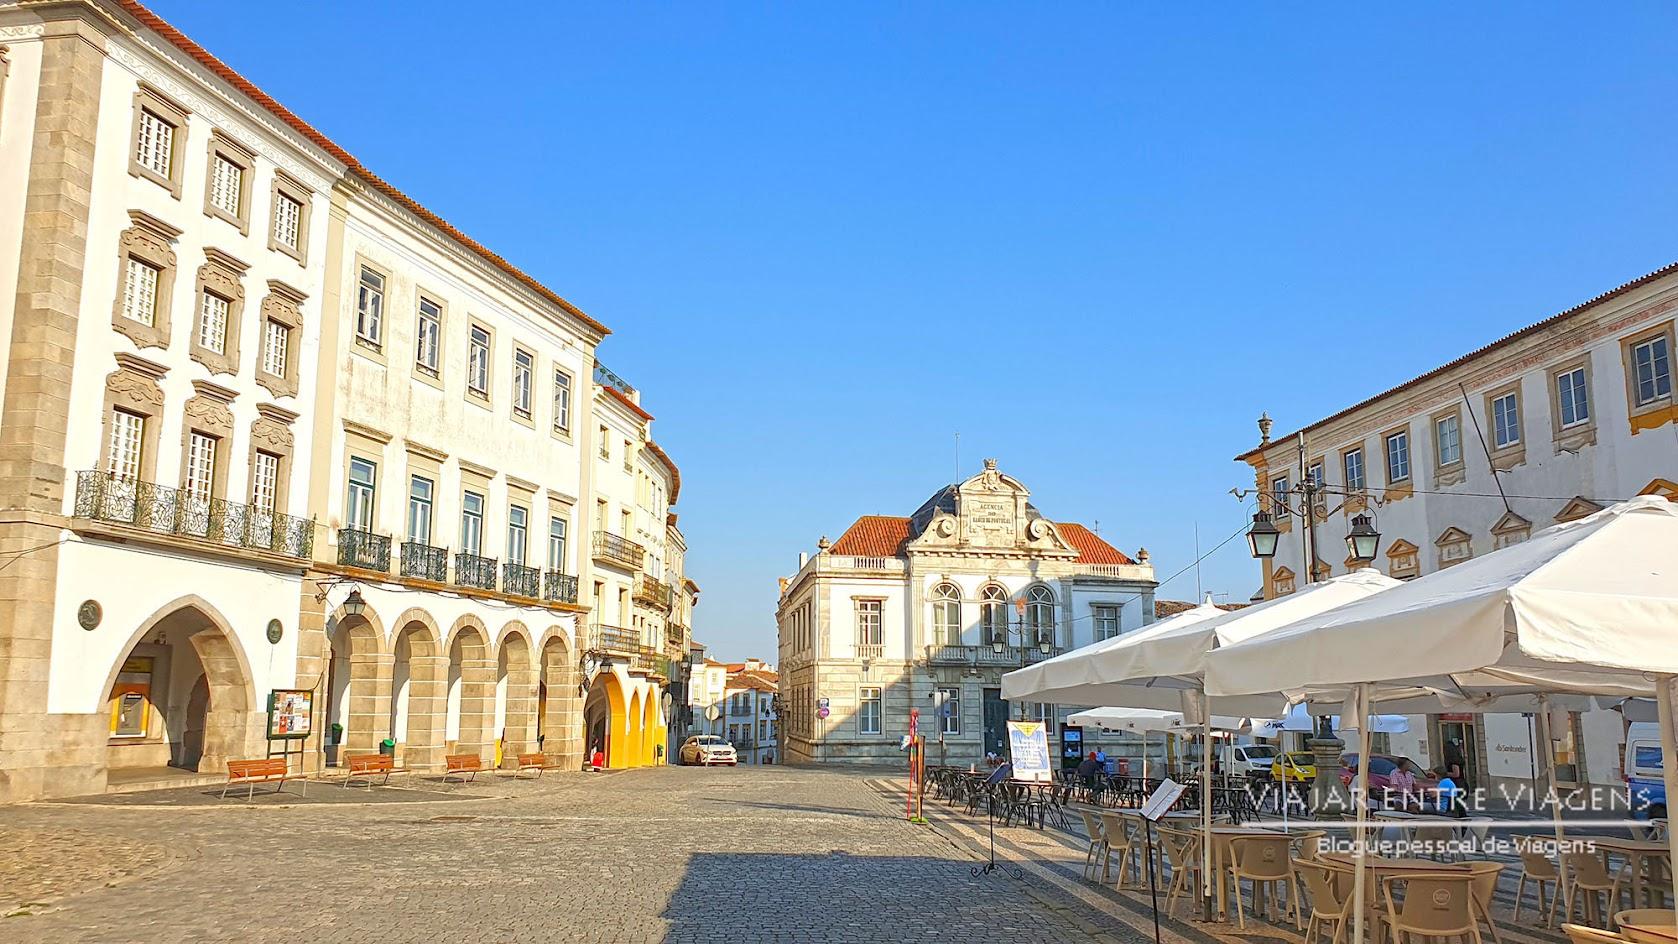 Praça do Giraldo - VISITAR ÉVORA, o que ver e fazer na cidade-museu, Património Mundial da UNESCO